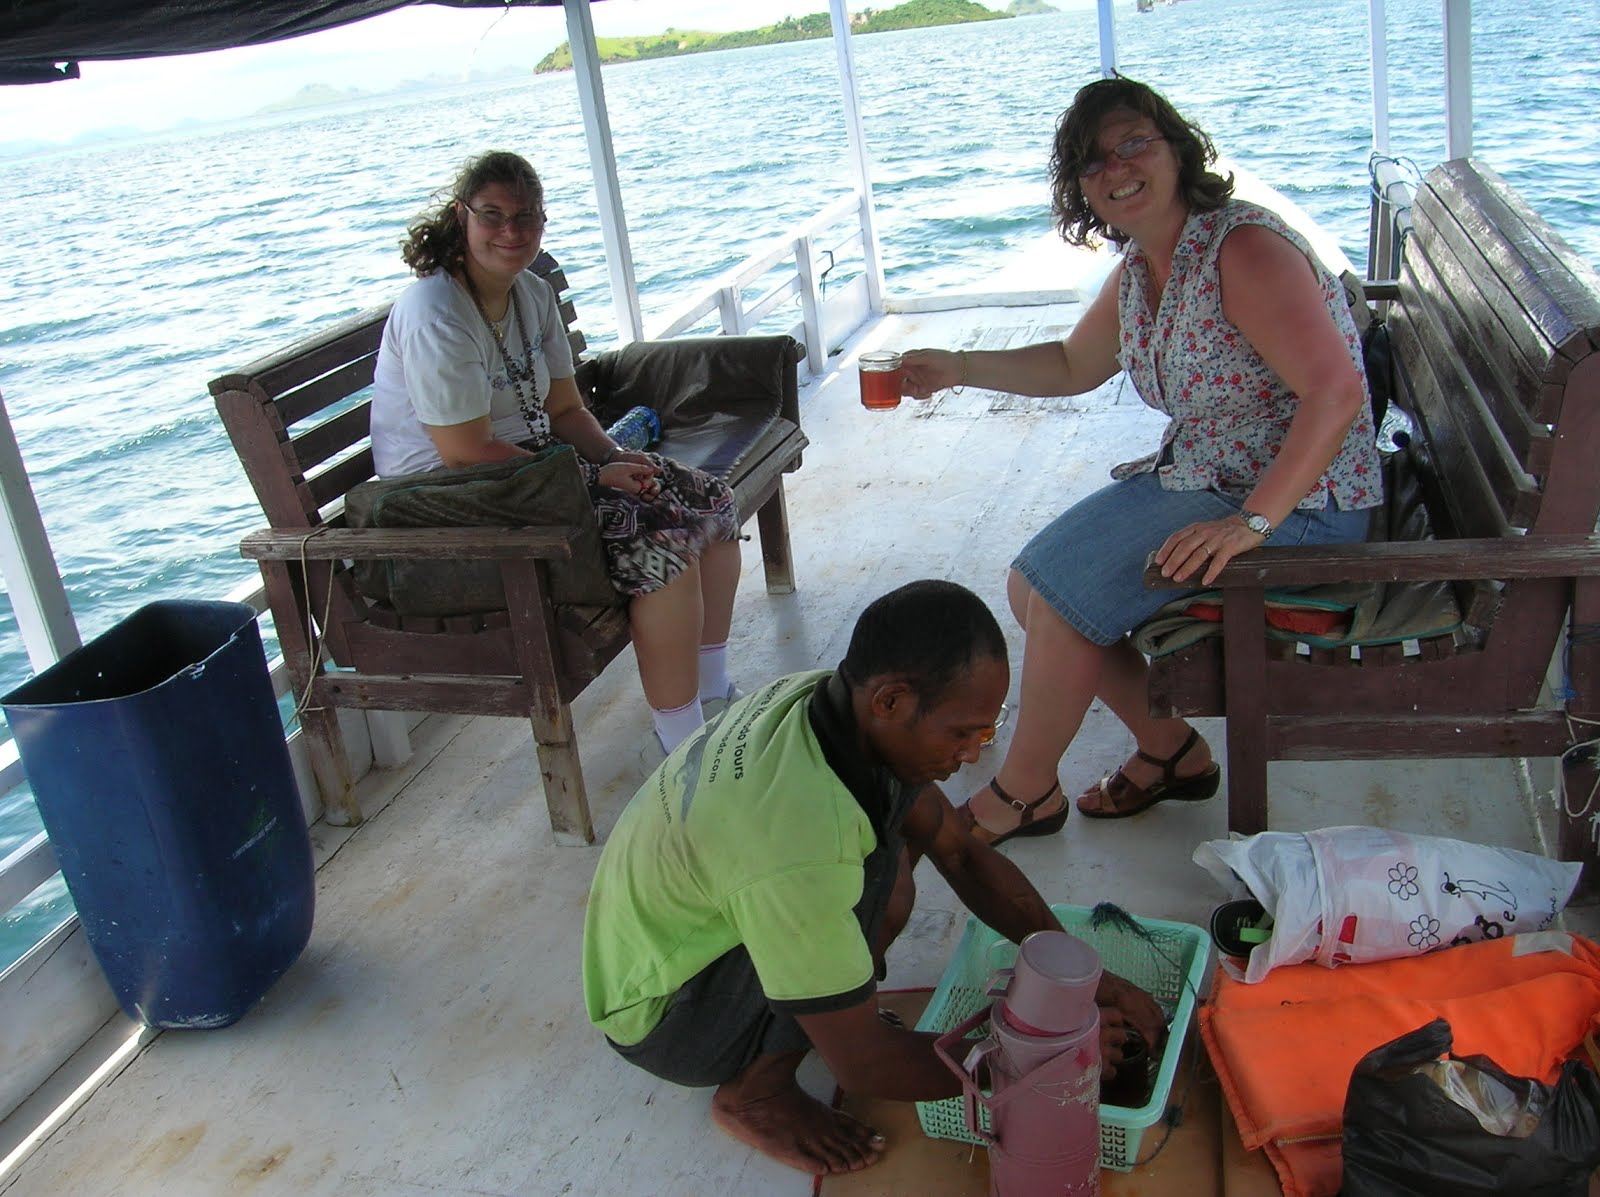 Tomando te, Parque Nacional de Komodo,Isla de Ricla, Isla de Flores, vuelta al mundo, round the world, La vuelta al mundo de Asun y Ricardo